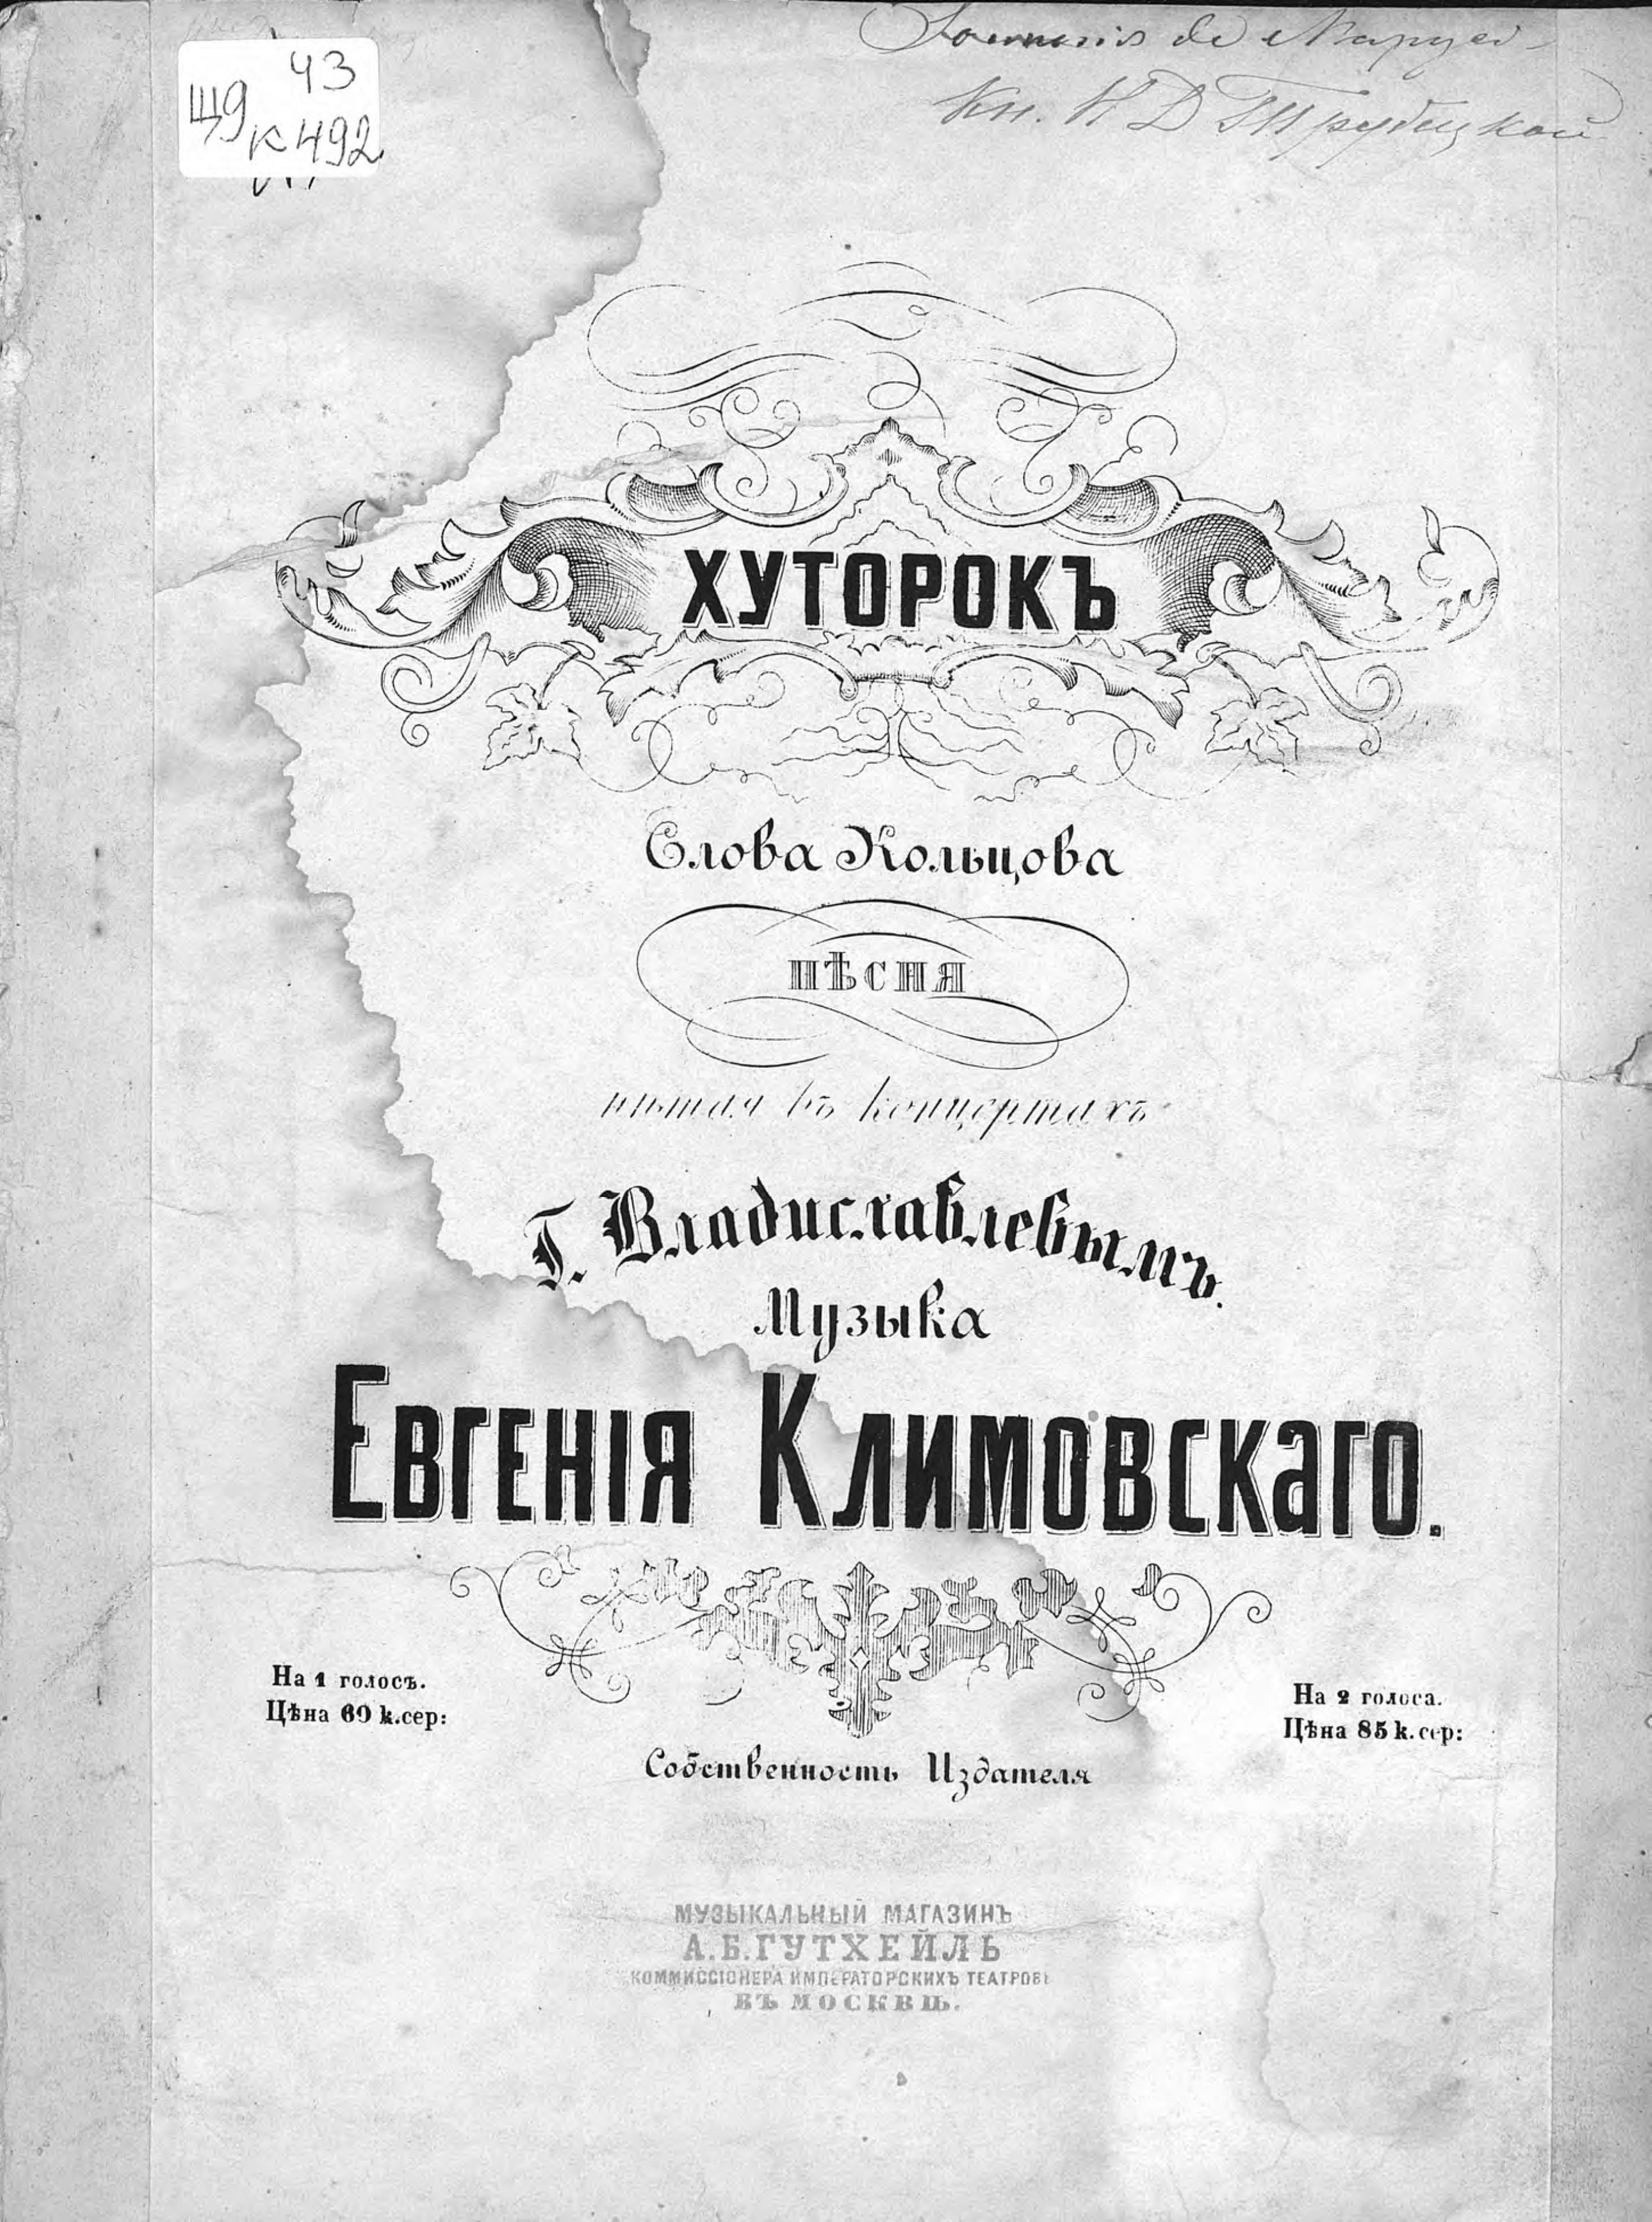 Евгений Клиновский Хуторок крюкова тамара шамильевна веселый хуторок